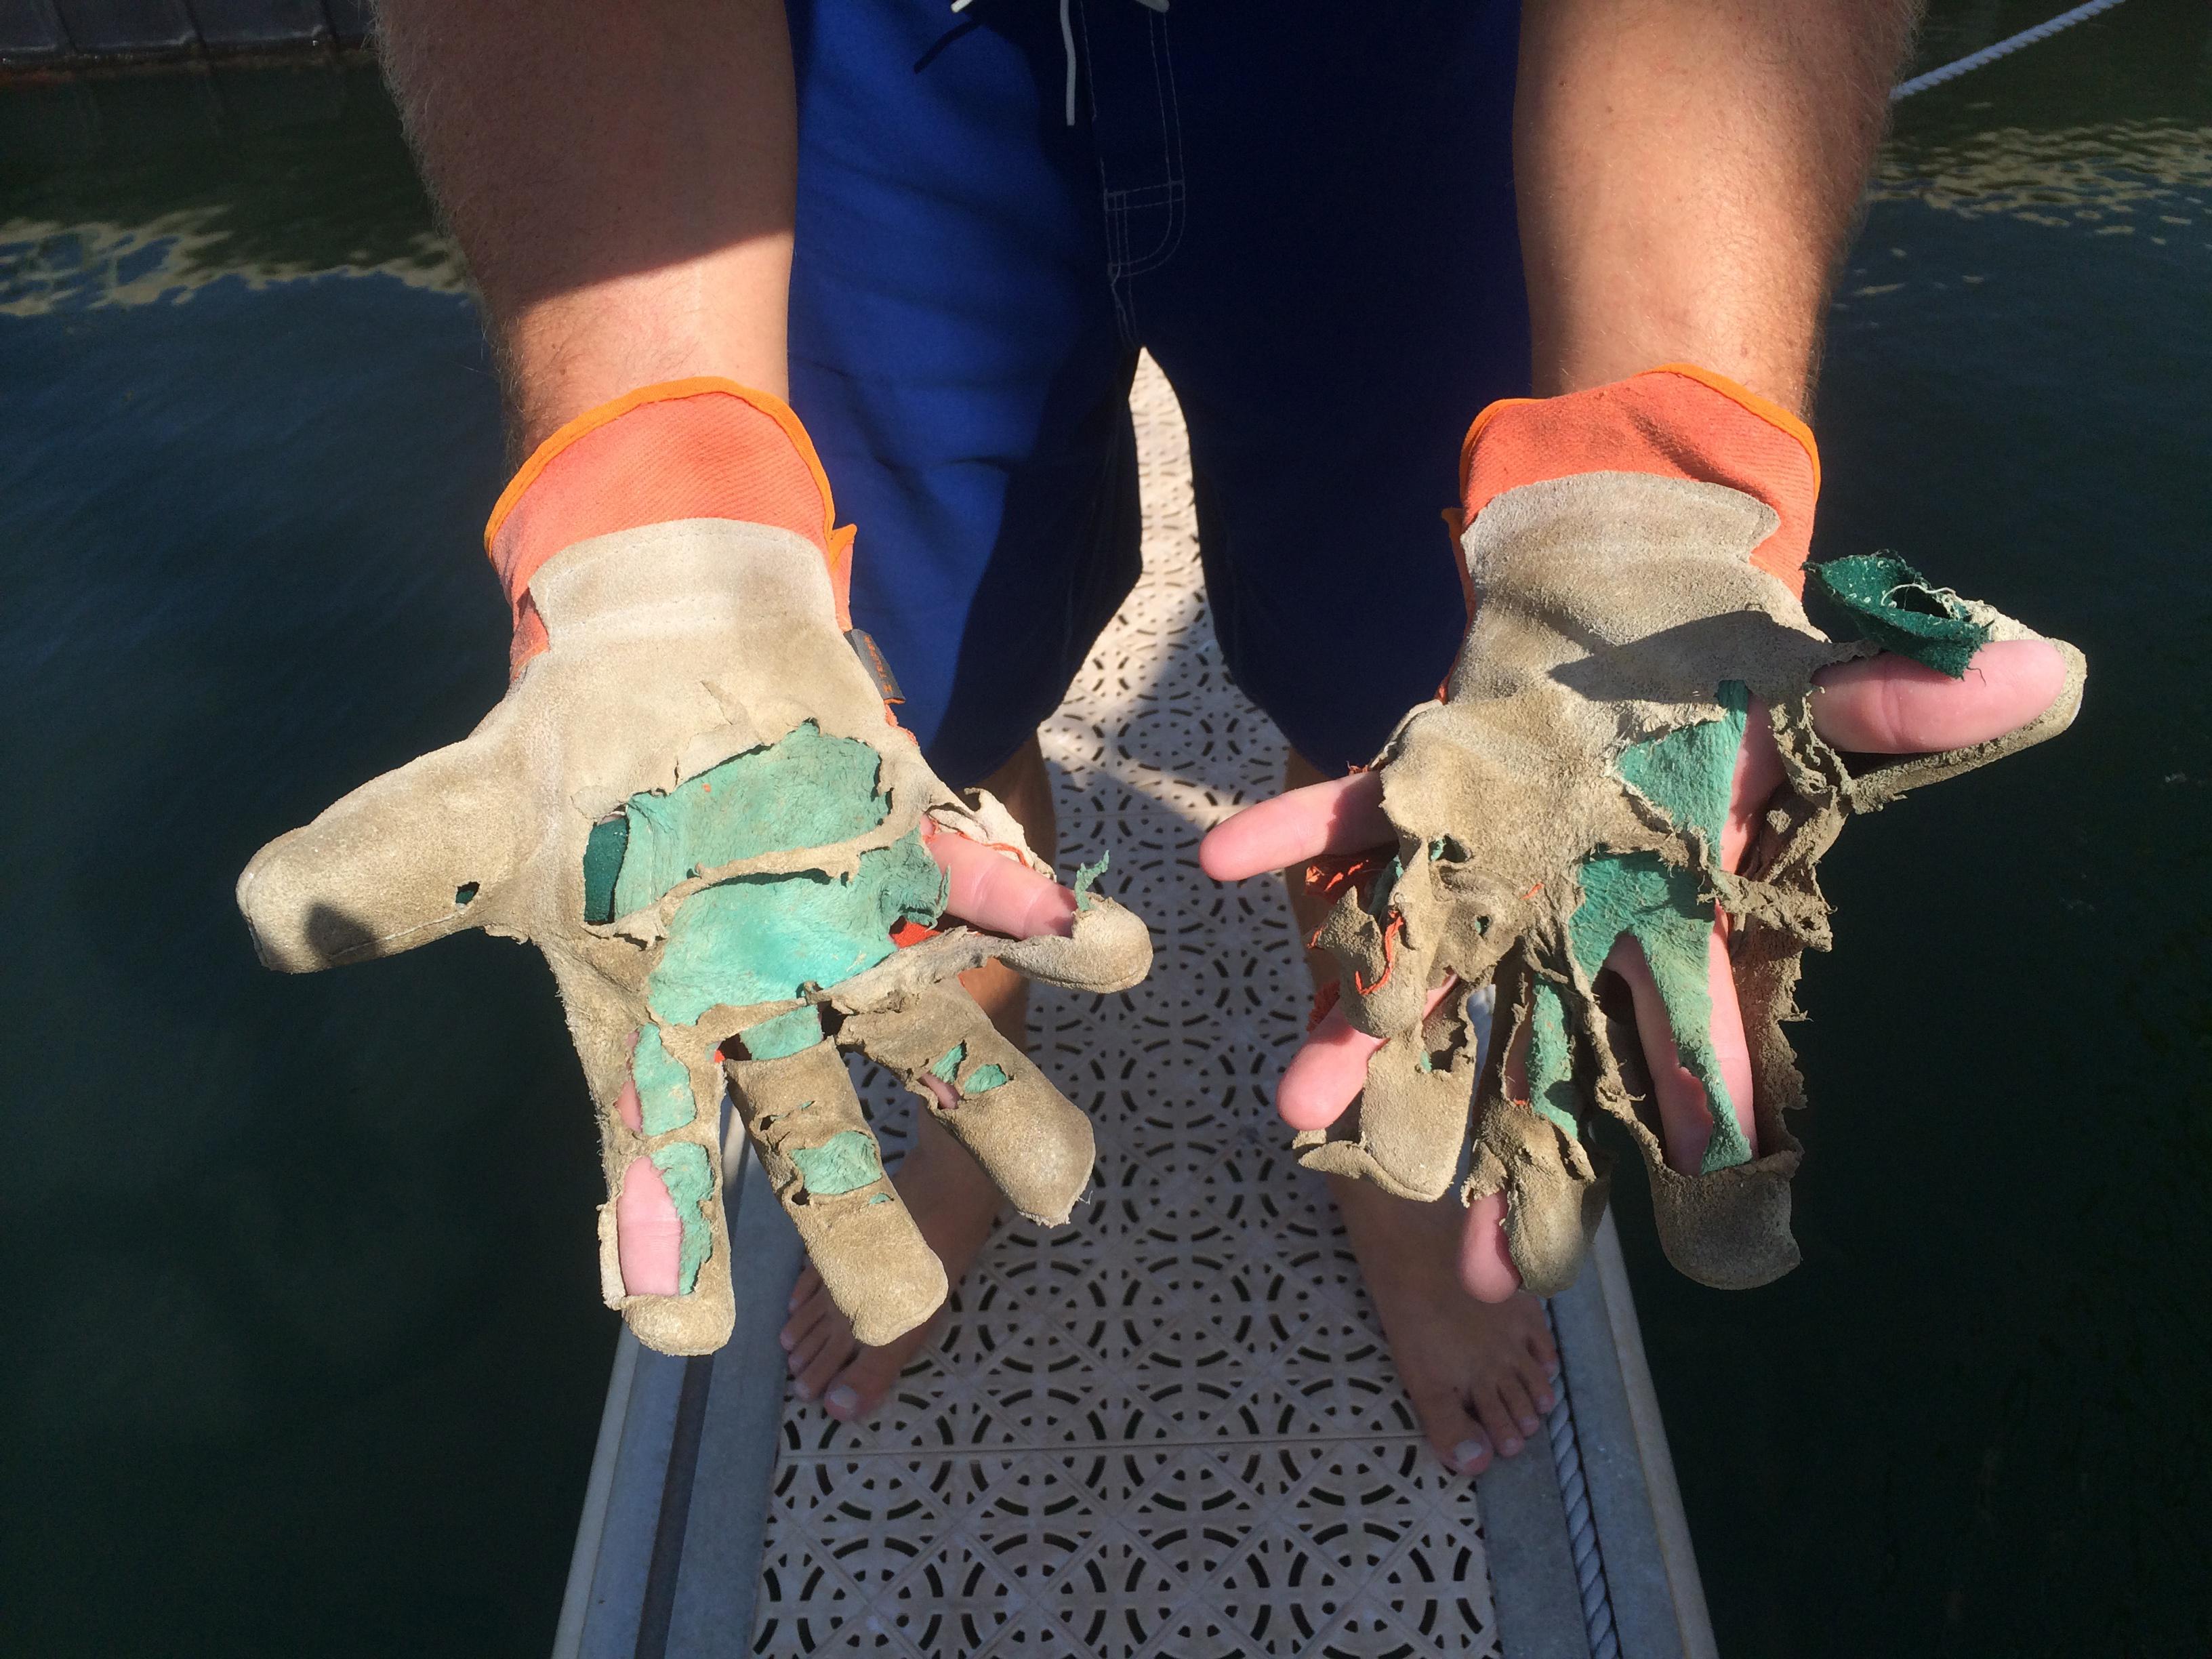 Jonny gloves